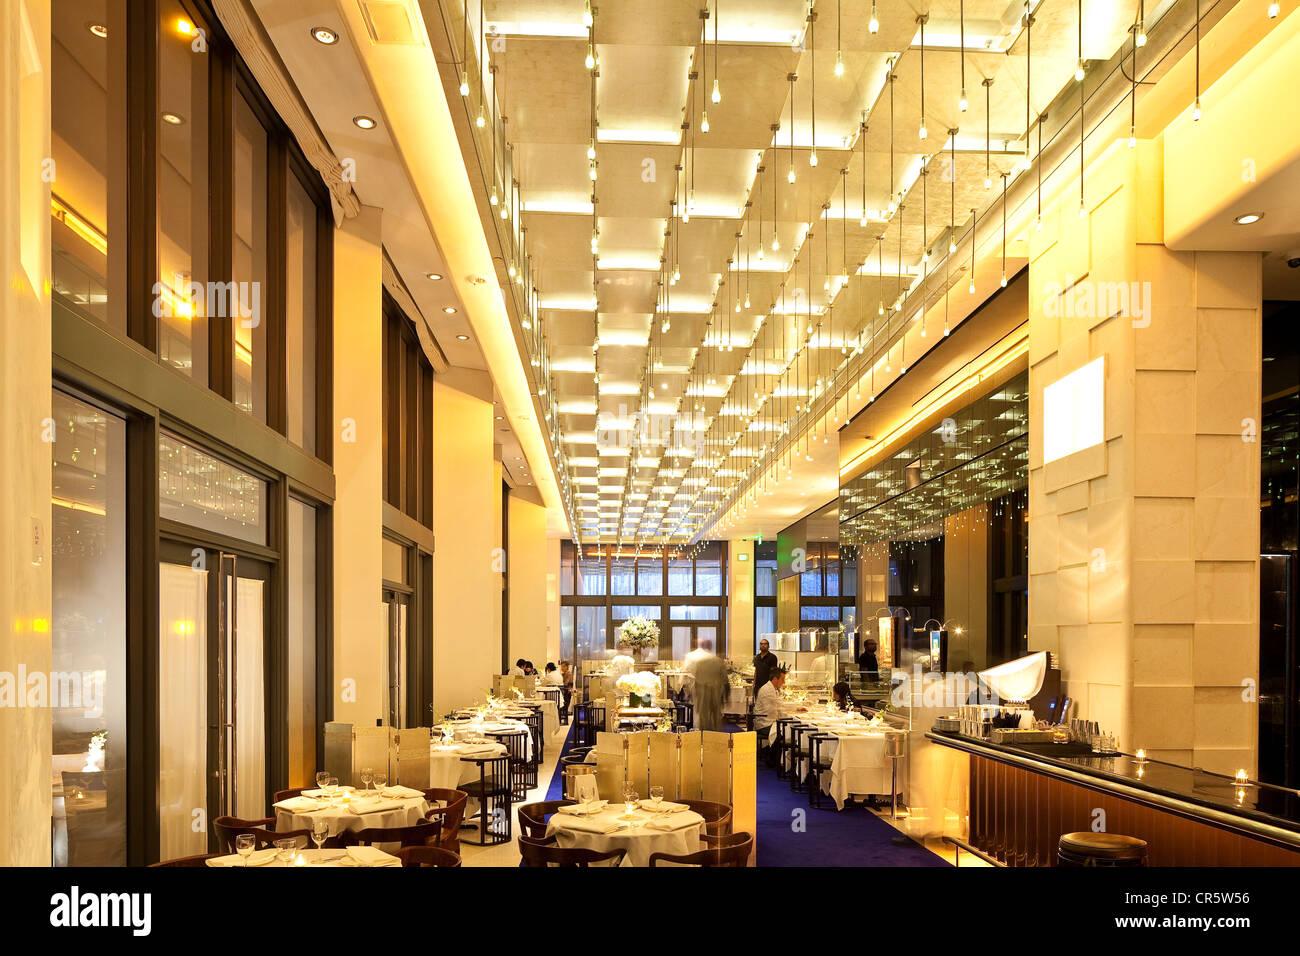 W Hotel Miami Restaurant Mr Chow